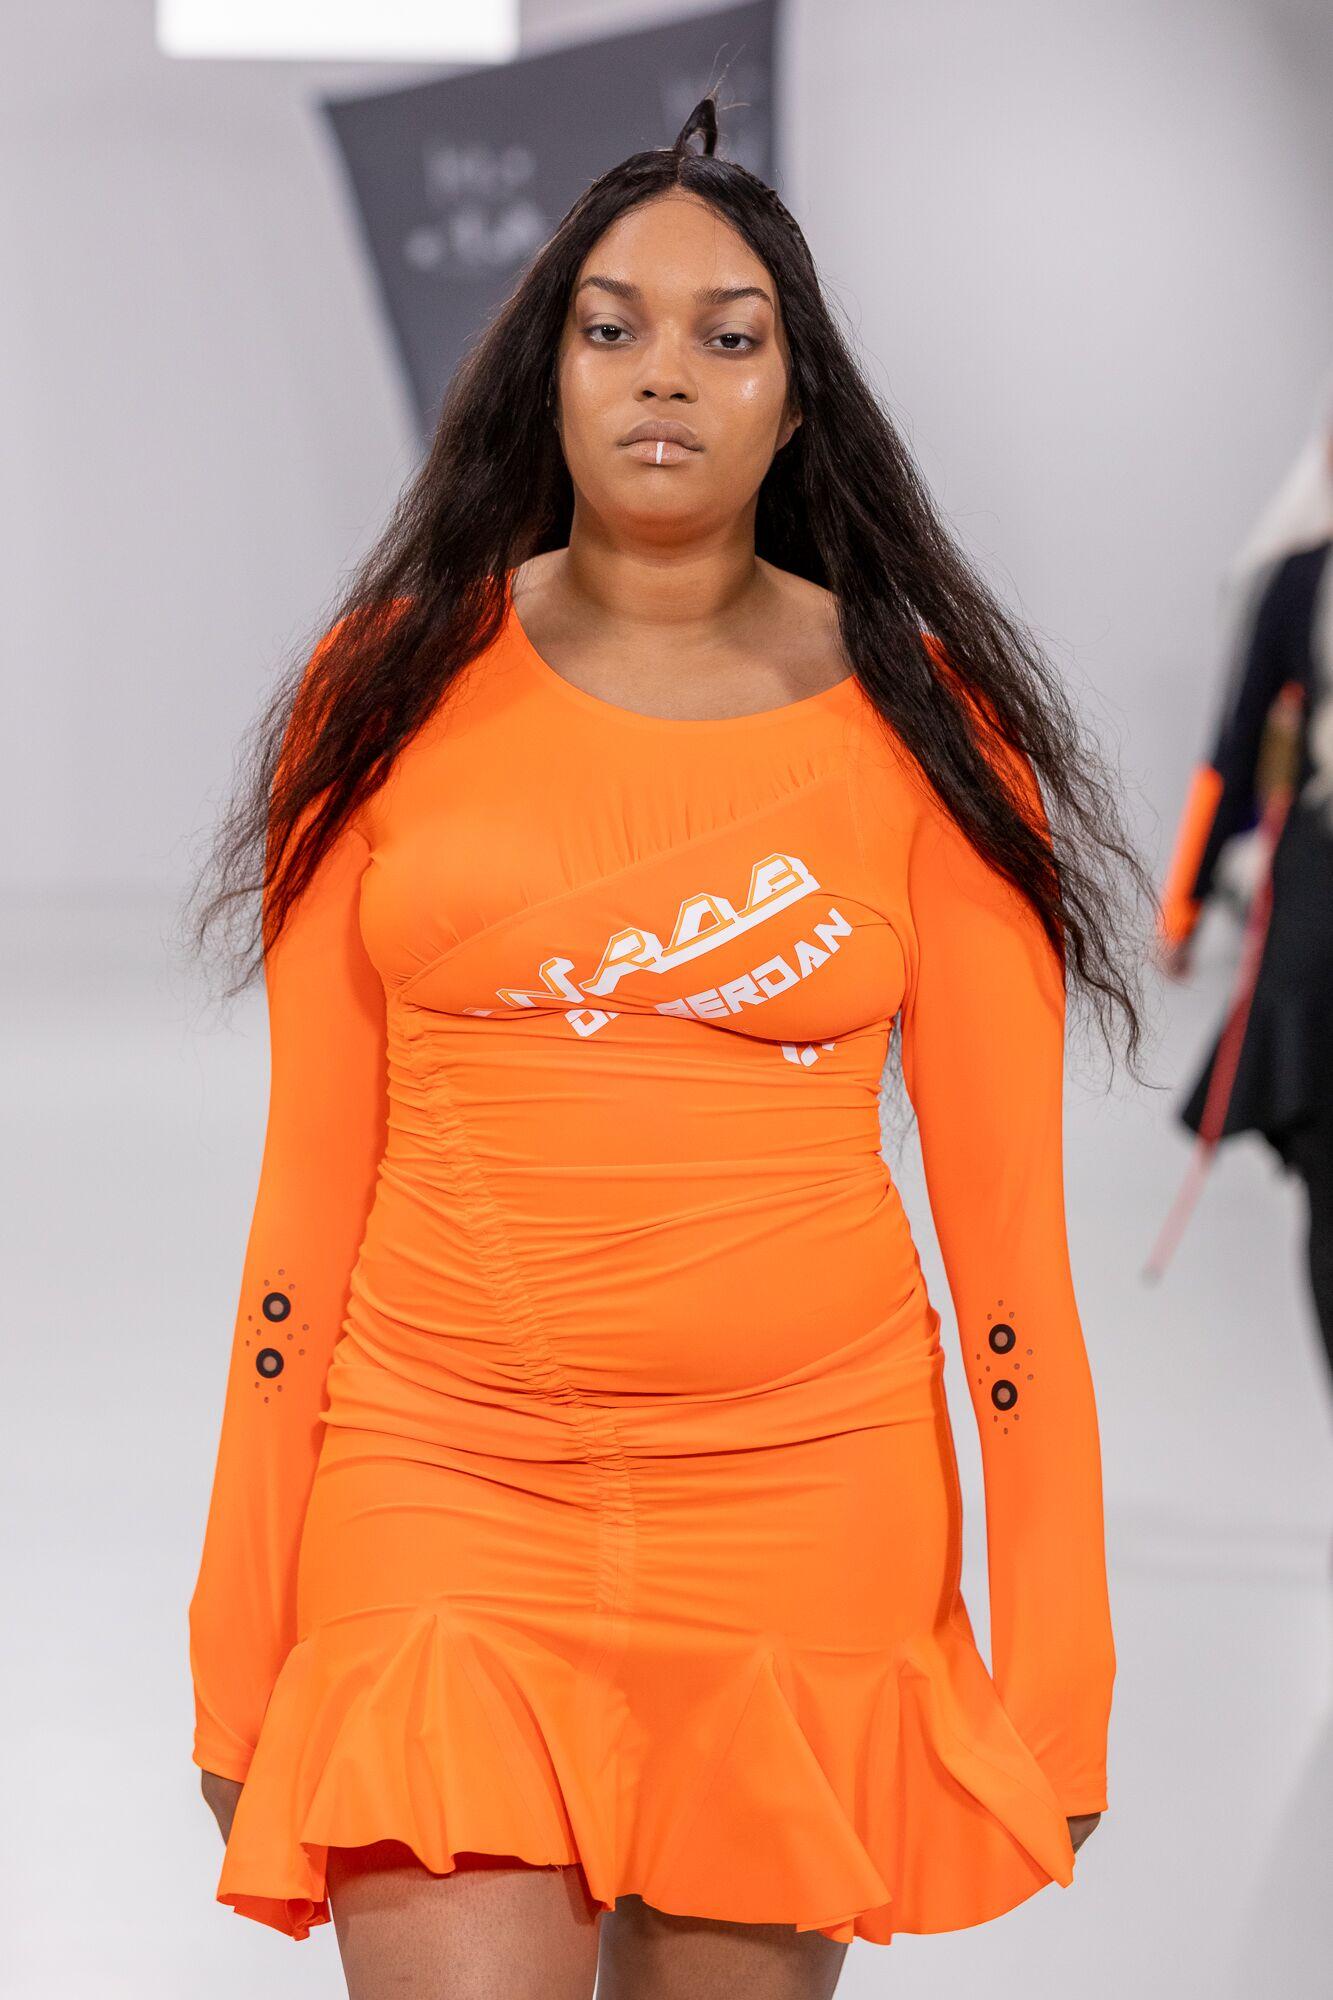 Db berdan aw20 during london fashion week (5)